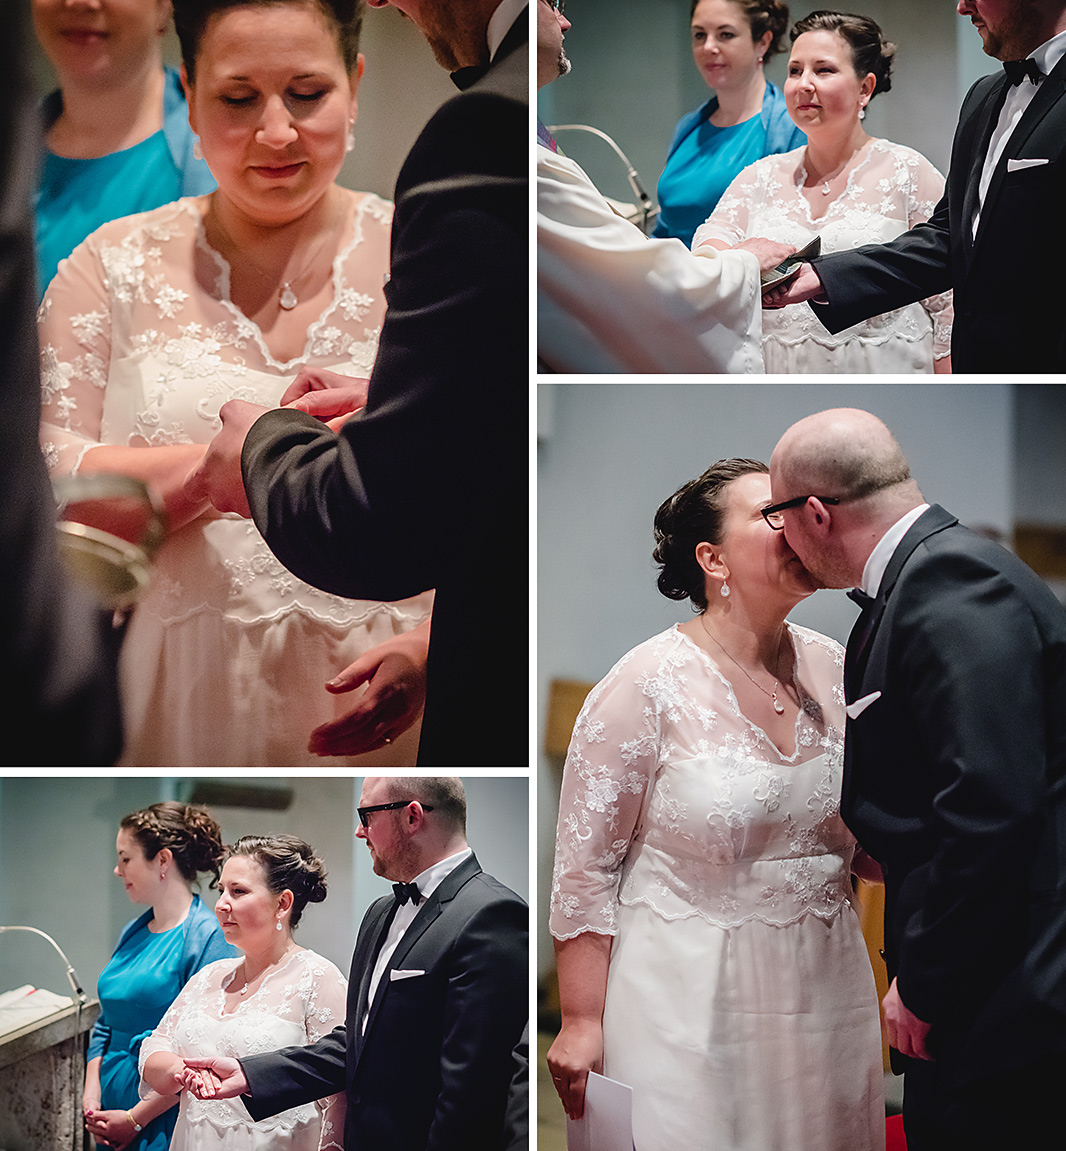 Hochzeit, Hochzeitsfotografie, Astrid Ebert Fotografie, Hochzeitfotograf Aachen, Salvatorkirche Aachen, Brautpaar, kirchliche Trauung